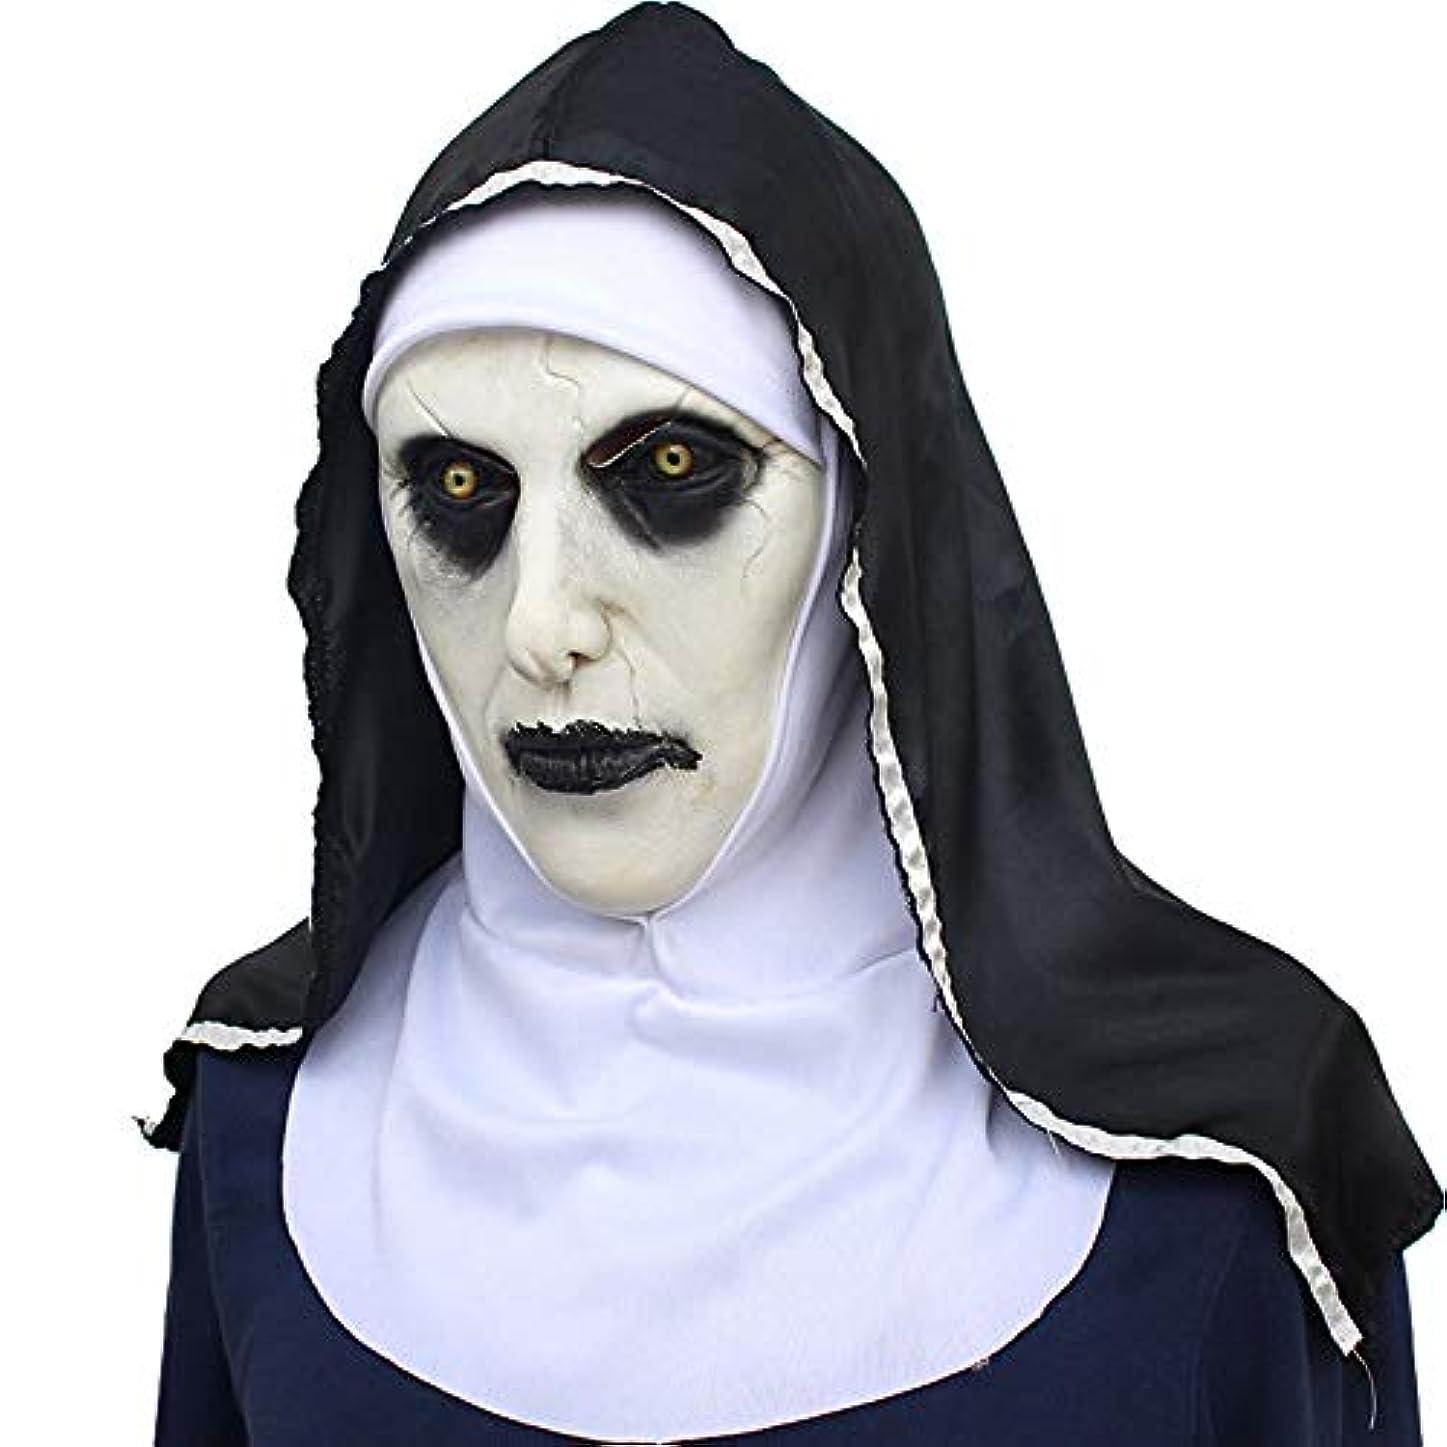 オンス黒問い合わせハロウィーンラテックスマスクホラー修道女フェイスマスクパーティー怖い面白い小道具